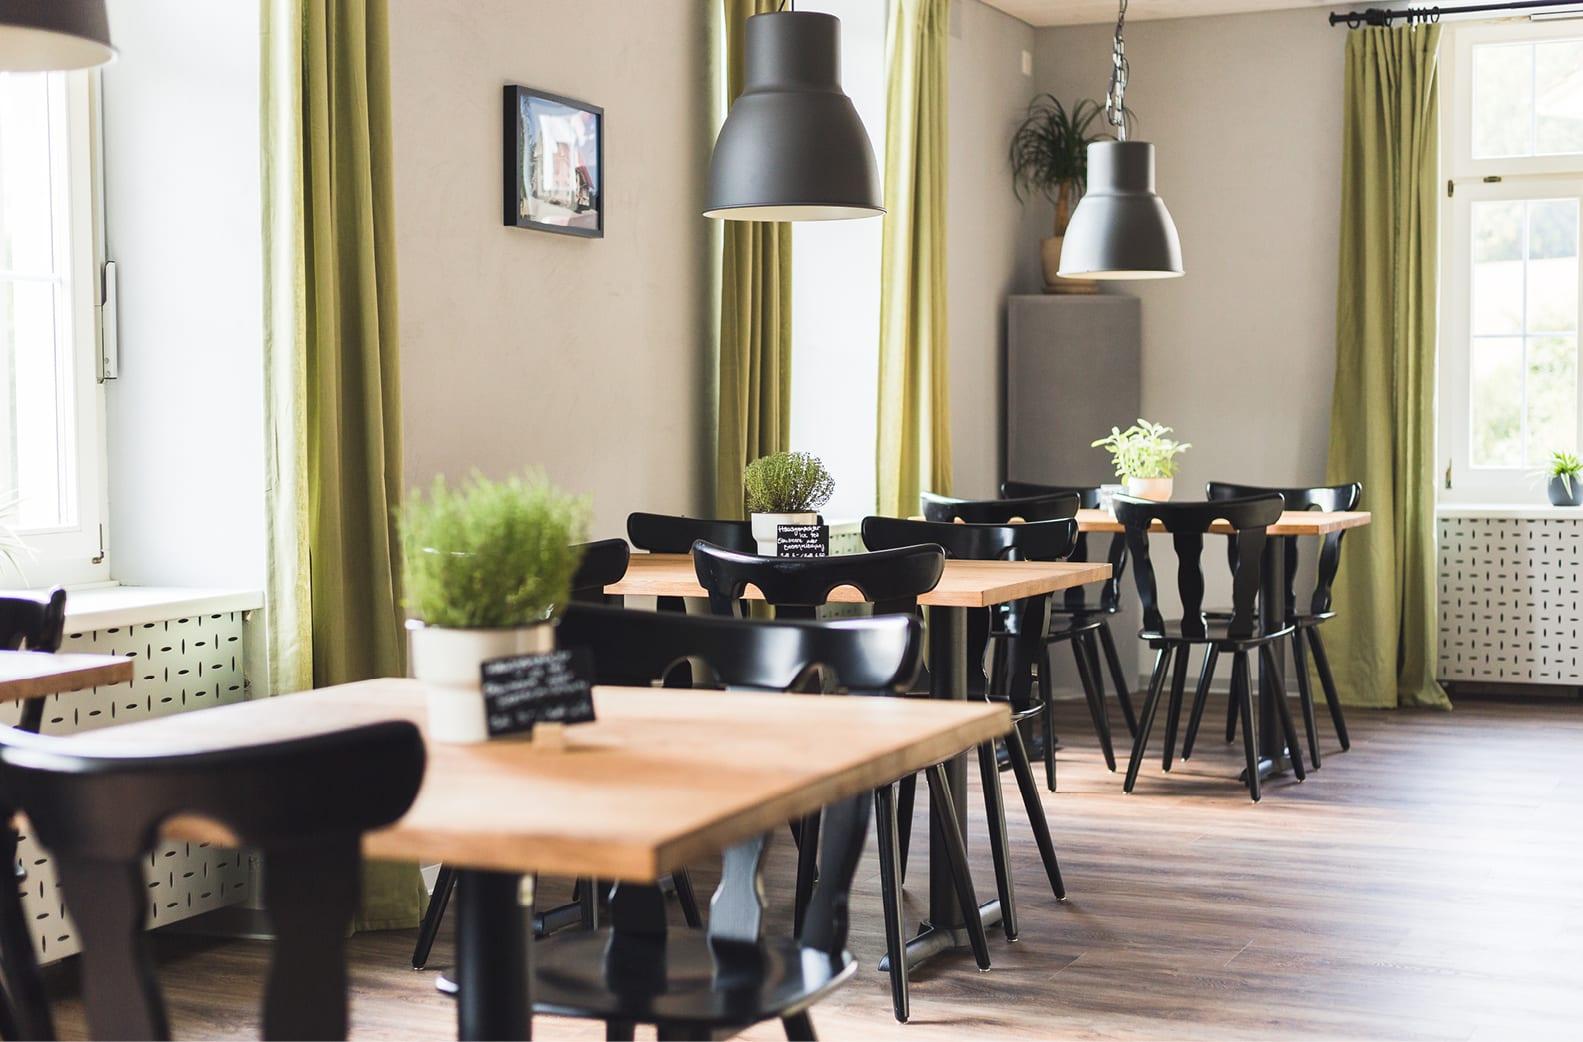 Restaurant_Saege_Betriebsferien